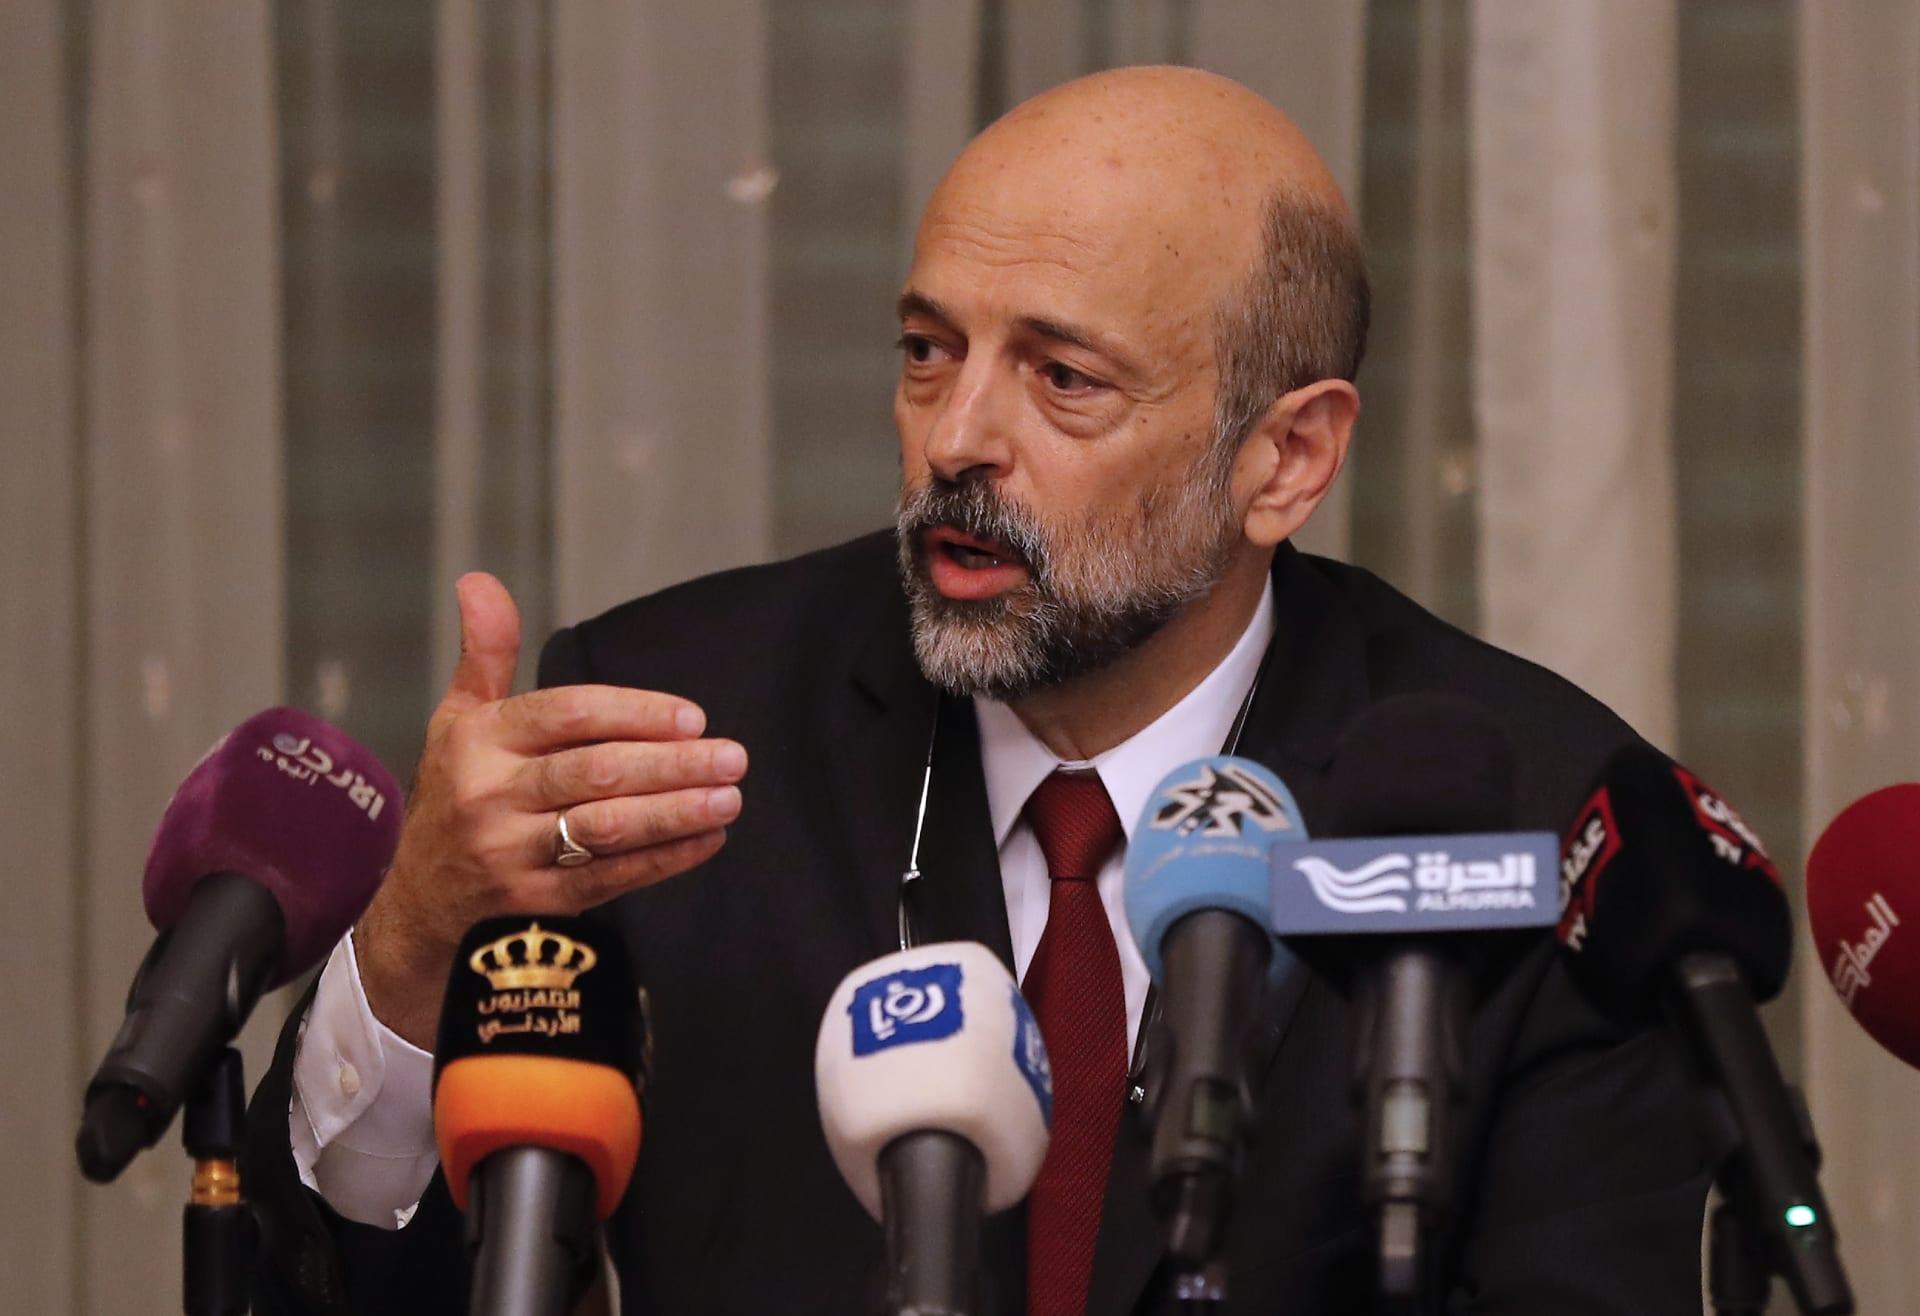 الحكومة الأردنية تقر مشروع قانون ضريبة الدخل الجديد ودورة استثنائية لمناقشته في البرلمان